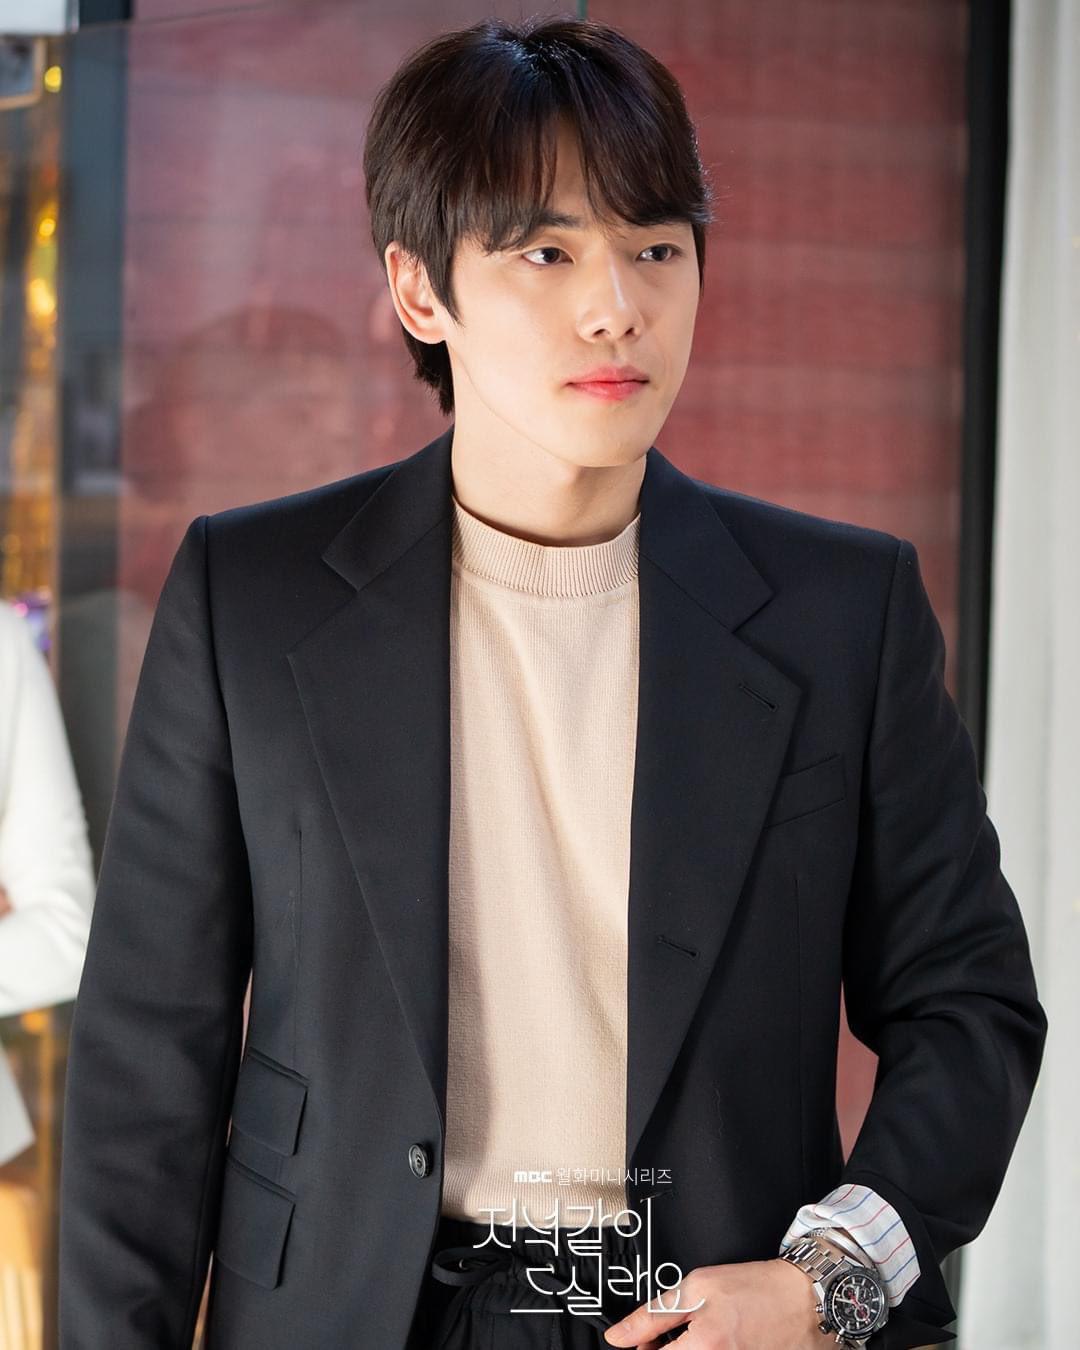 Chị đại Triều Tiên Seo Ji Hye hóa dân hổ báo, đè đầu cưỡi cổ thánh lừa đảo ở phim mới  Shall We Eat Dinner Together - Ảnh 3.